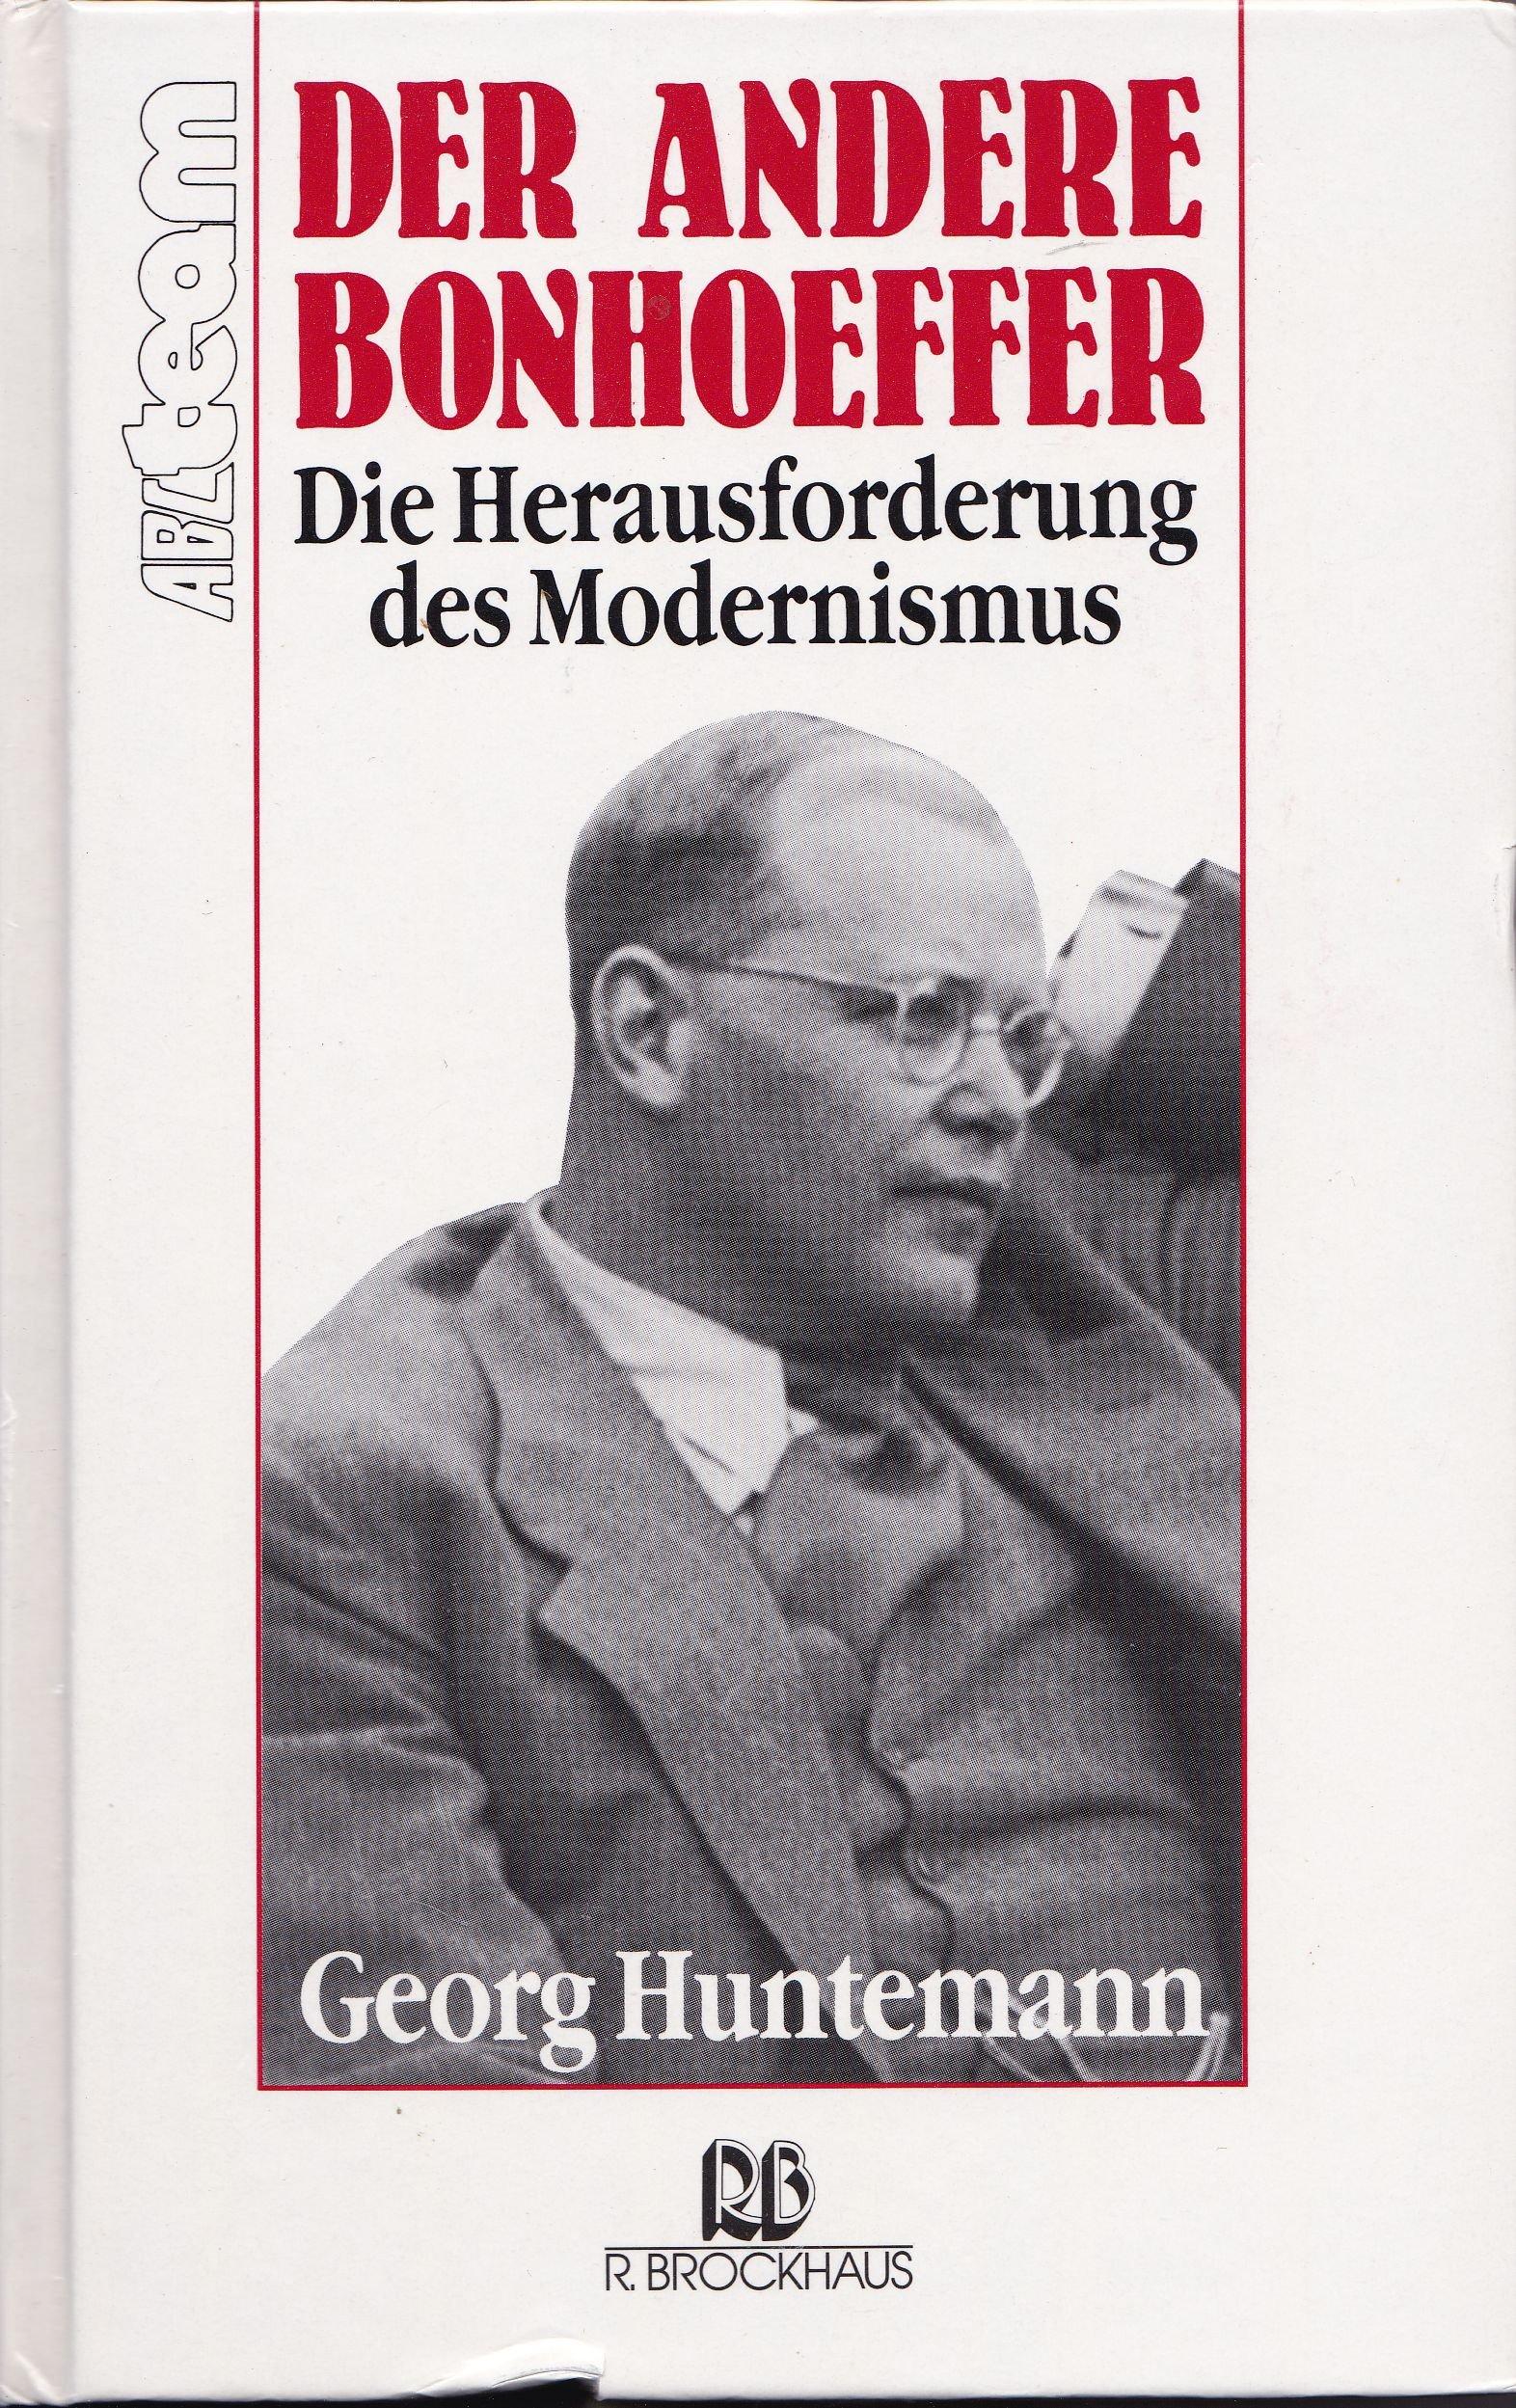 Der andere Bonhoeffer: Die Herausforderung des Modernismus